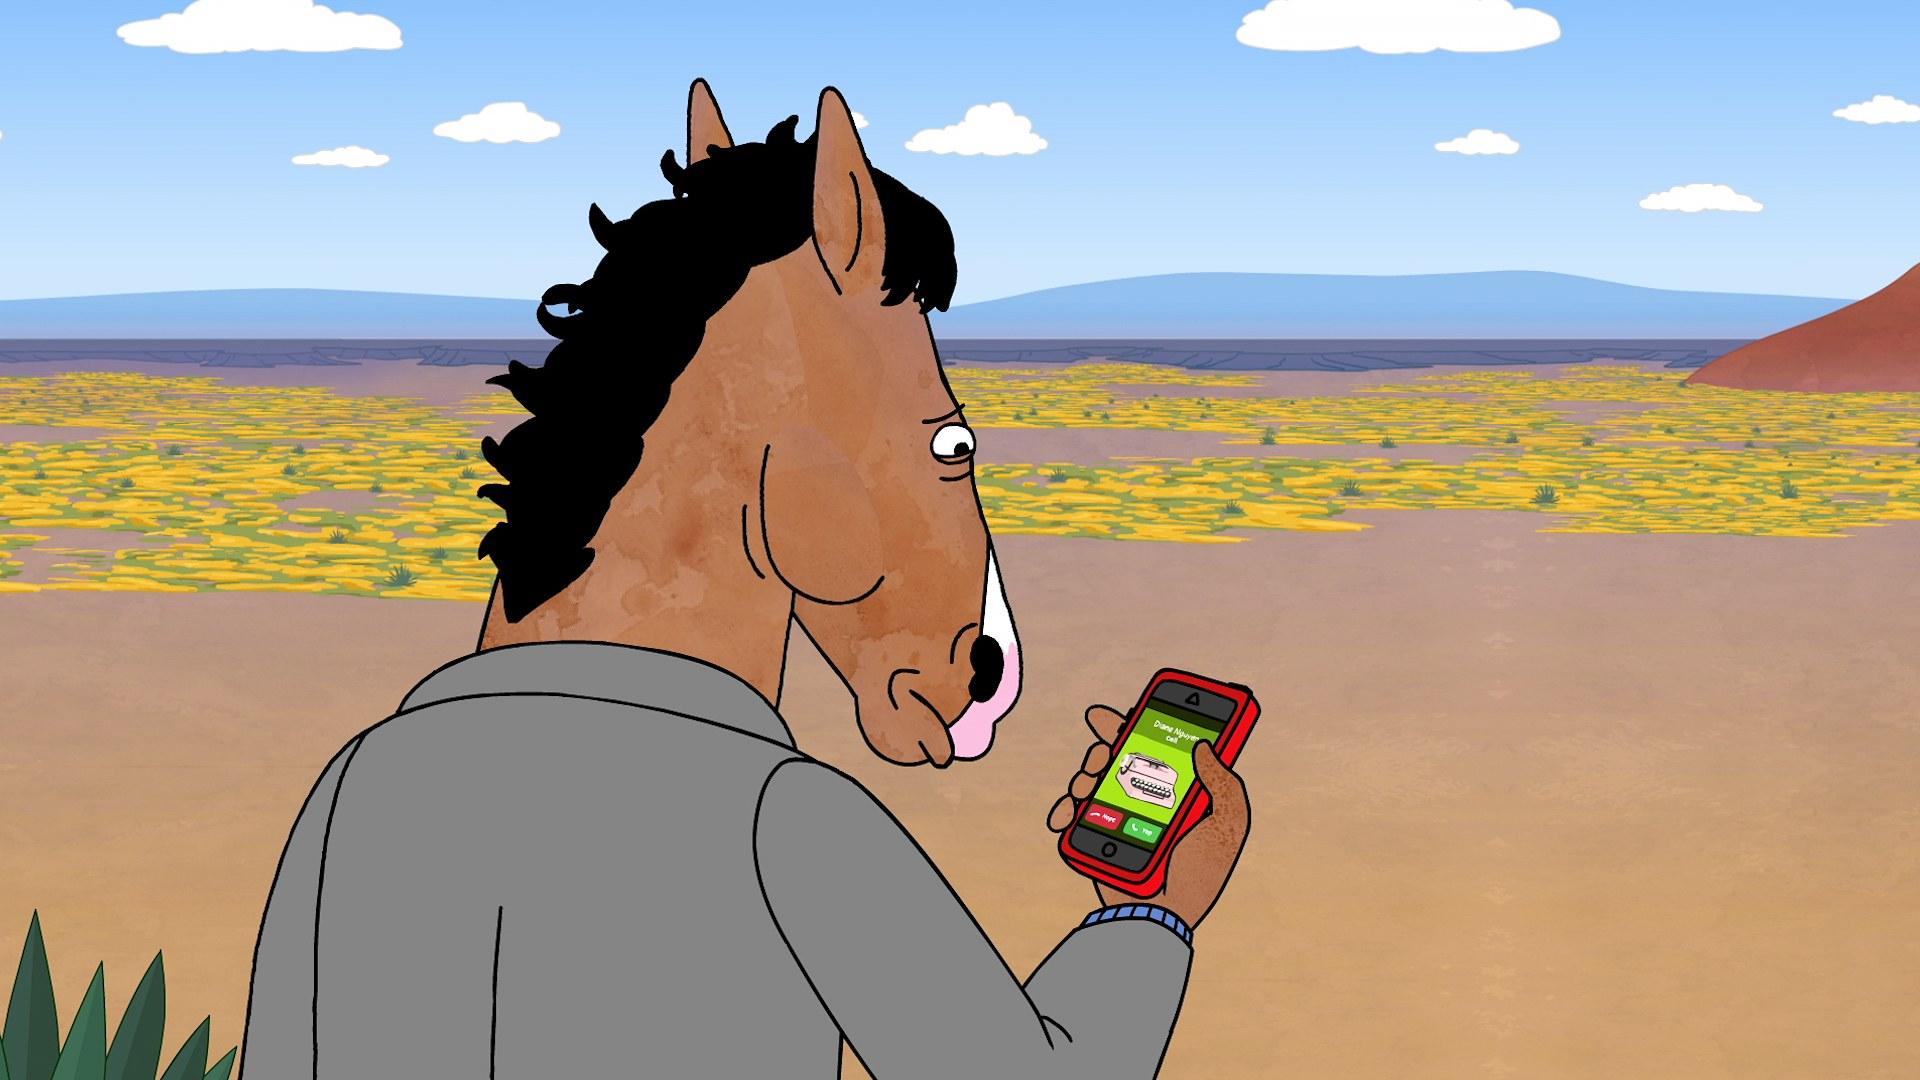 bojack-horseman-review.jpg